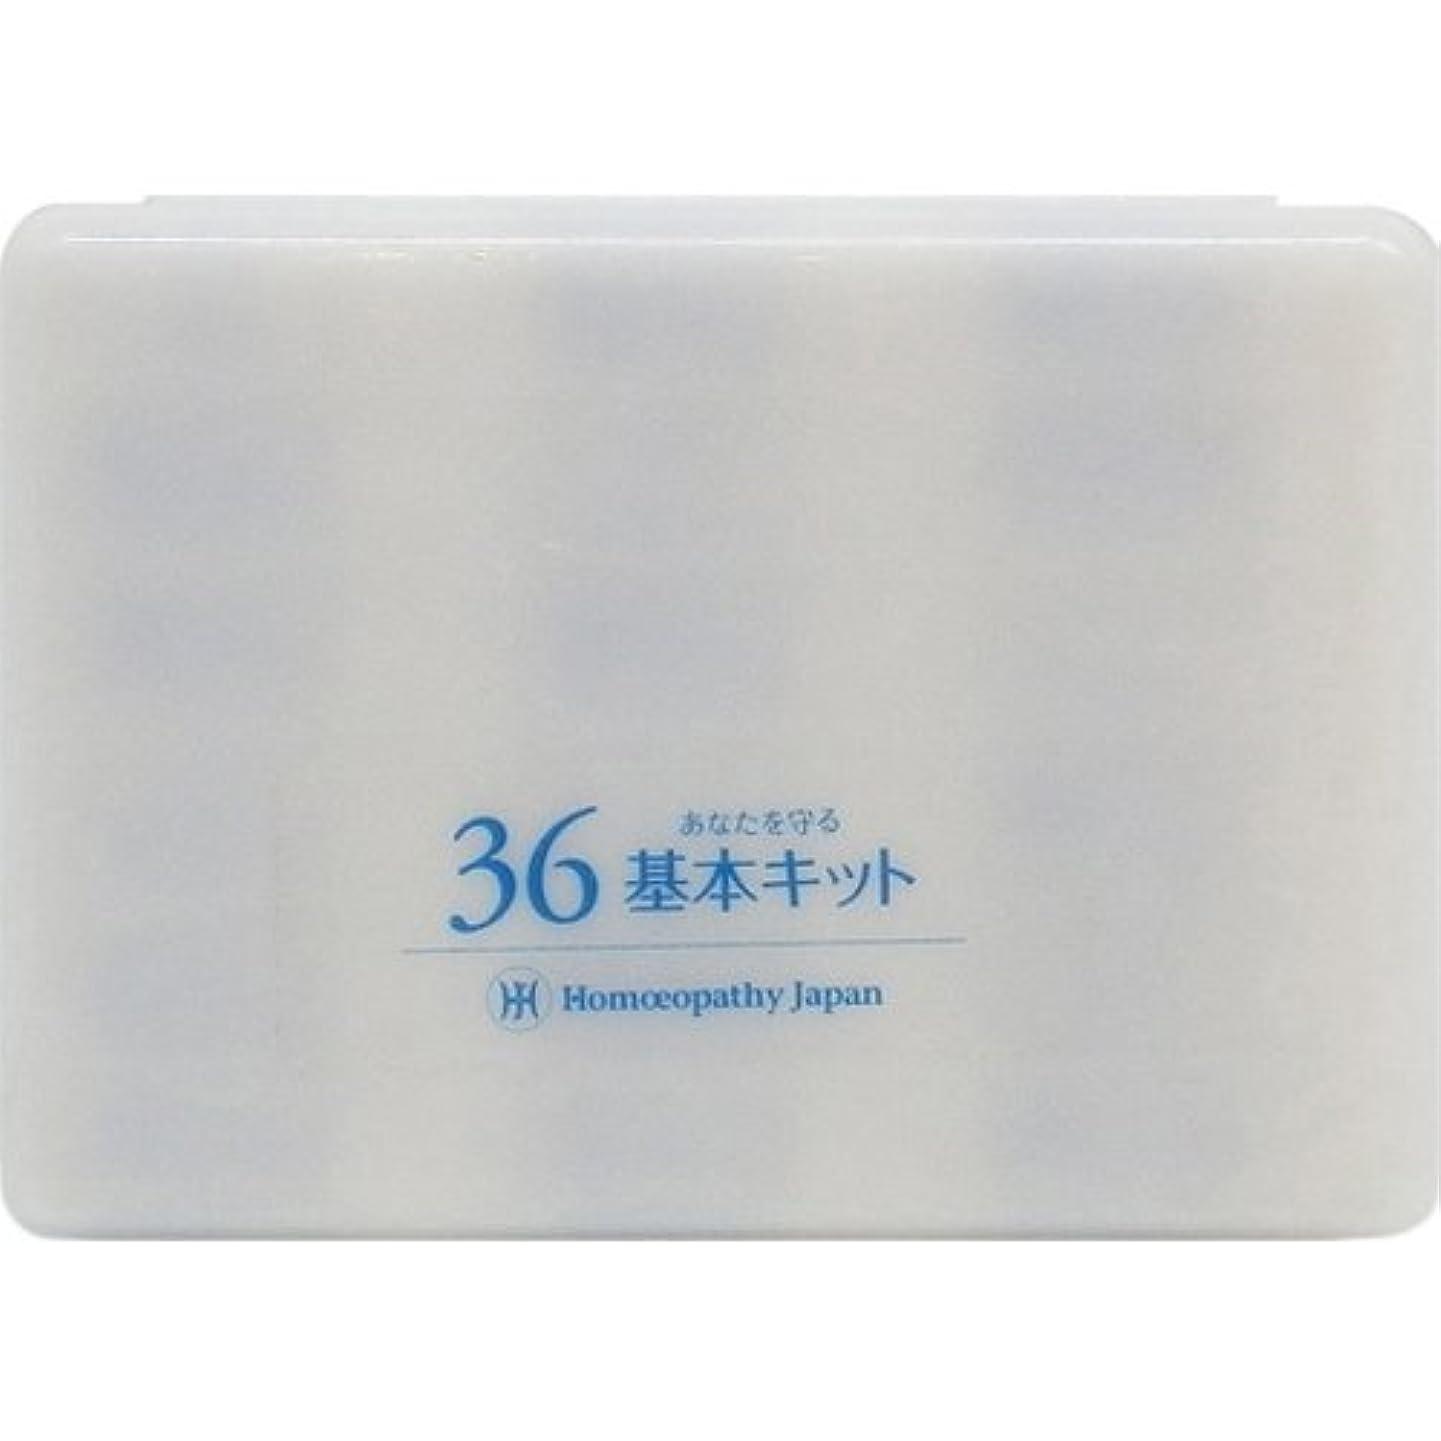 冷凍庫放棄する誘発するホメオパシージャパンレメディー 新36基本キット